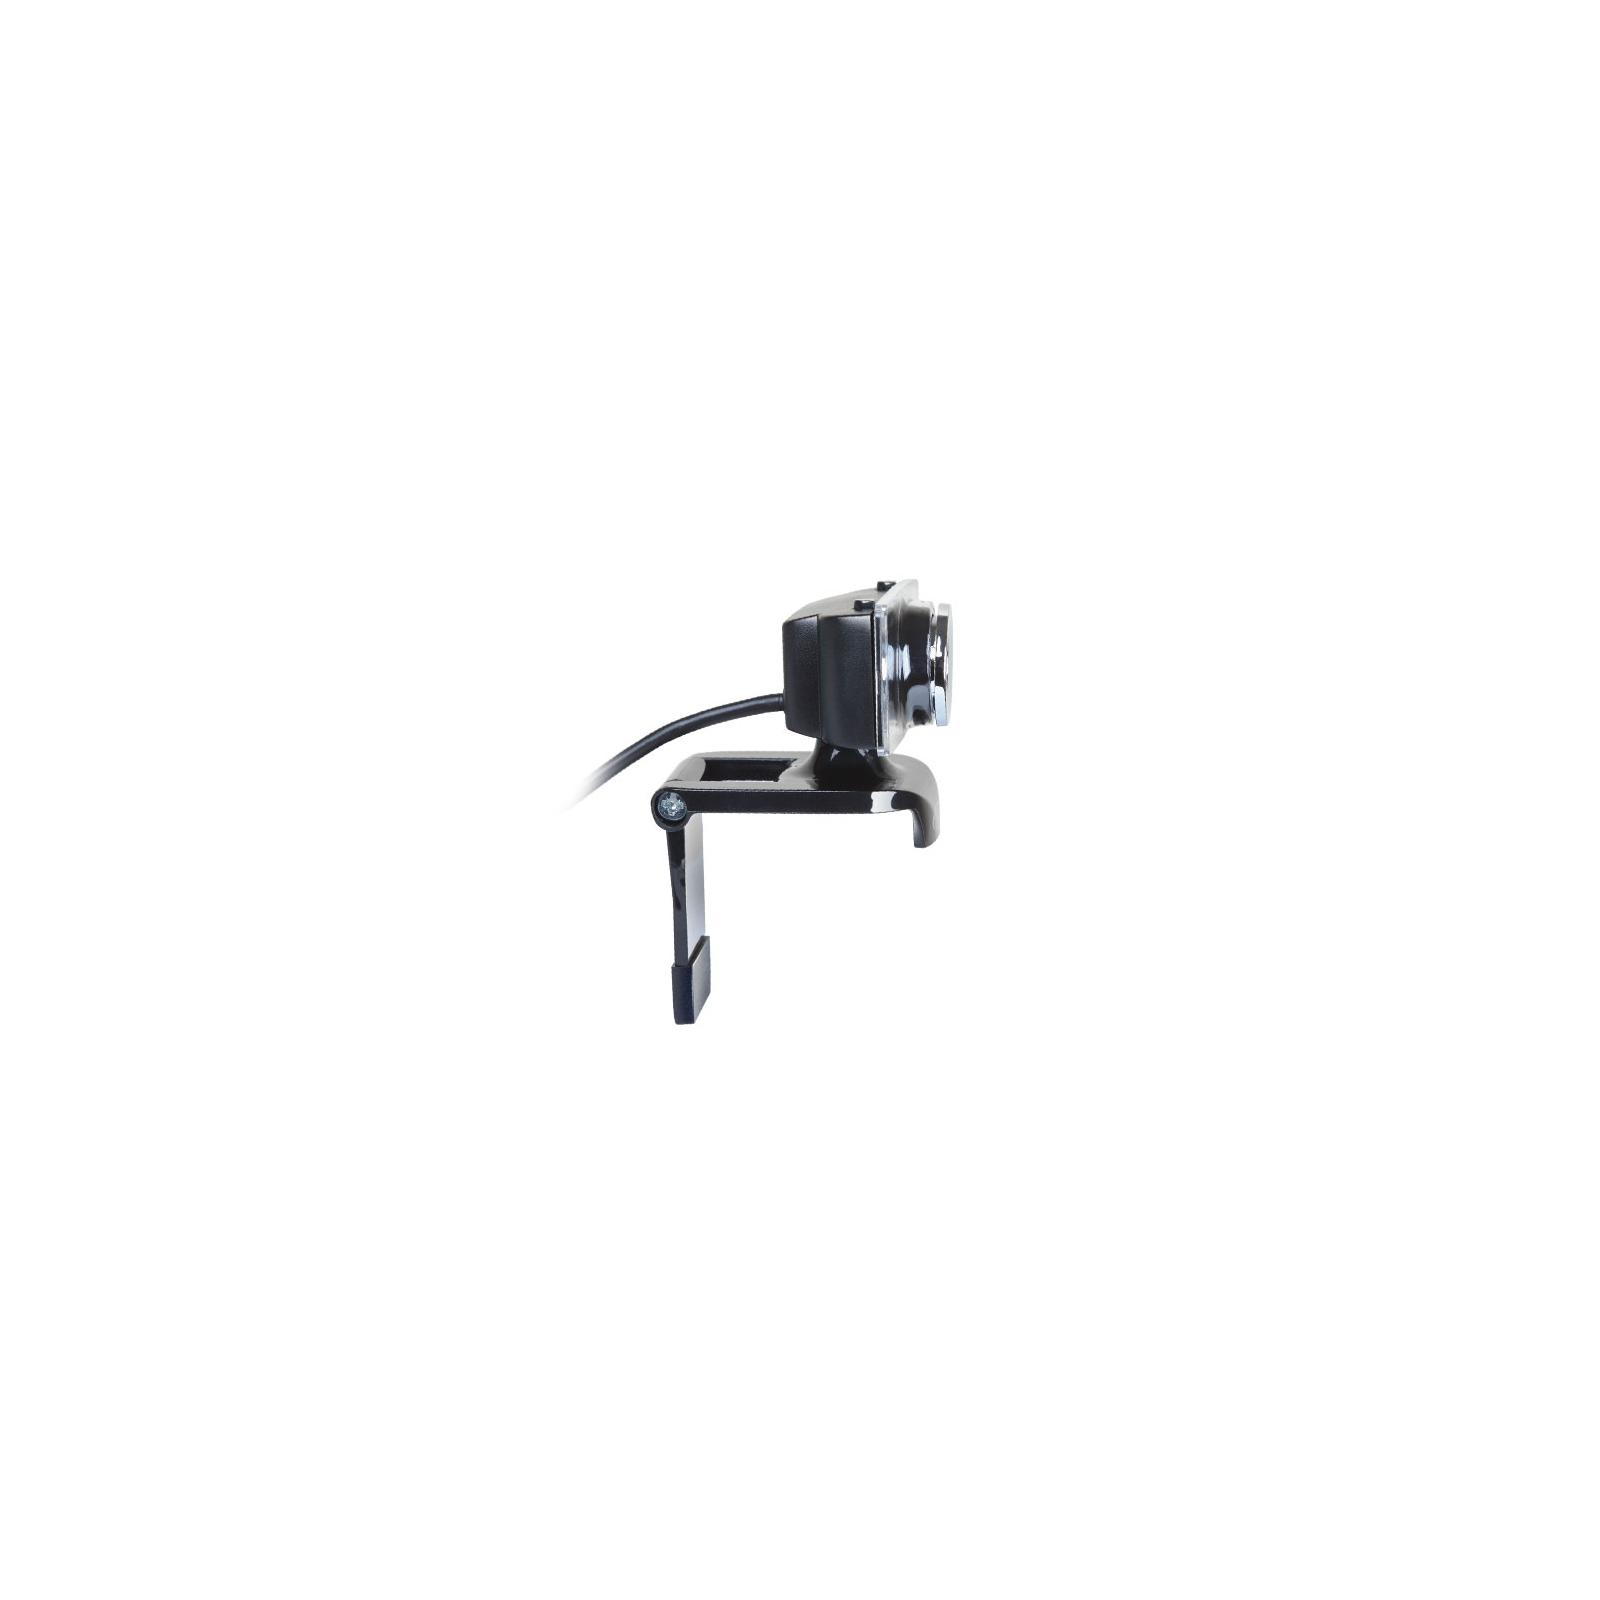 Веб-камера Gemix F9 blue изображение 2